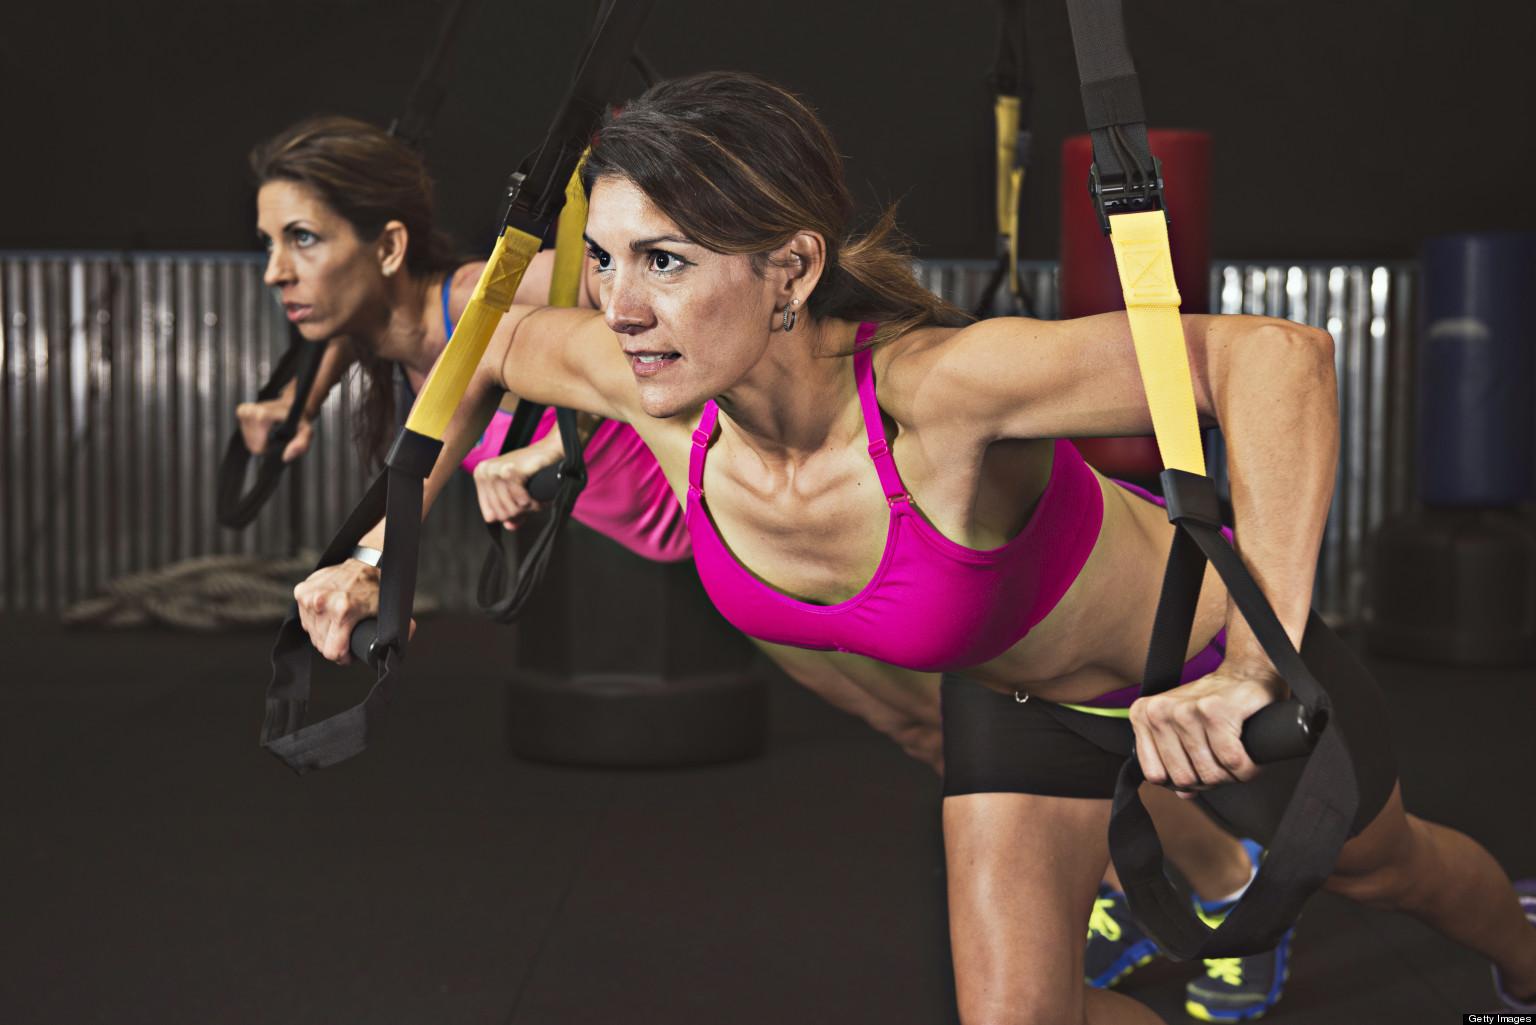 Crossfit Body Women The CrossFit Craze 5 Reasons